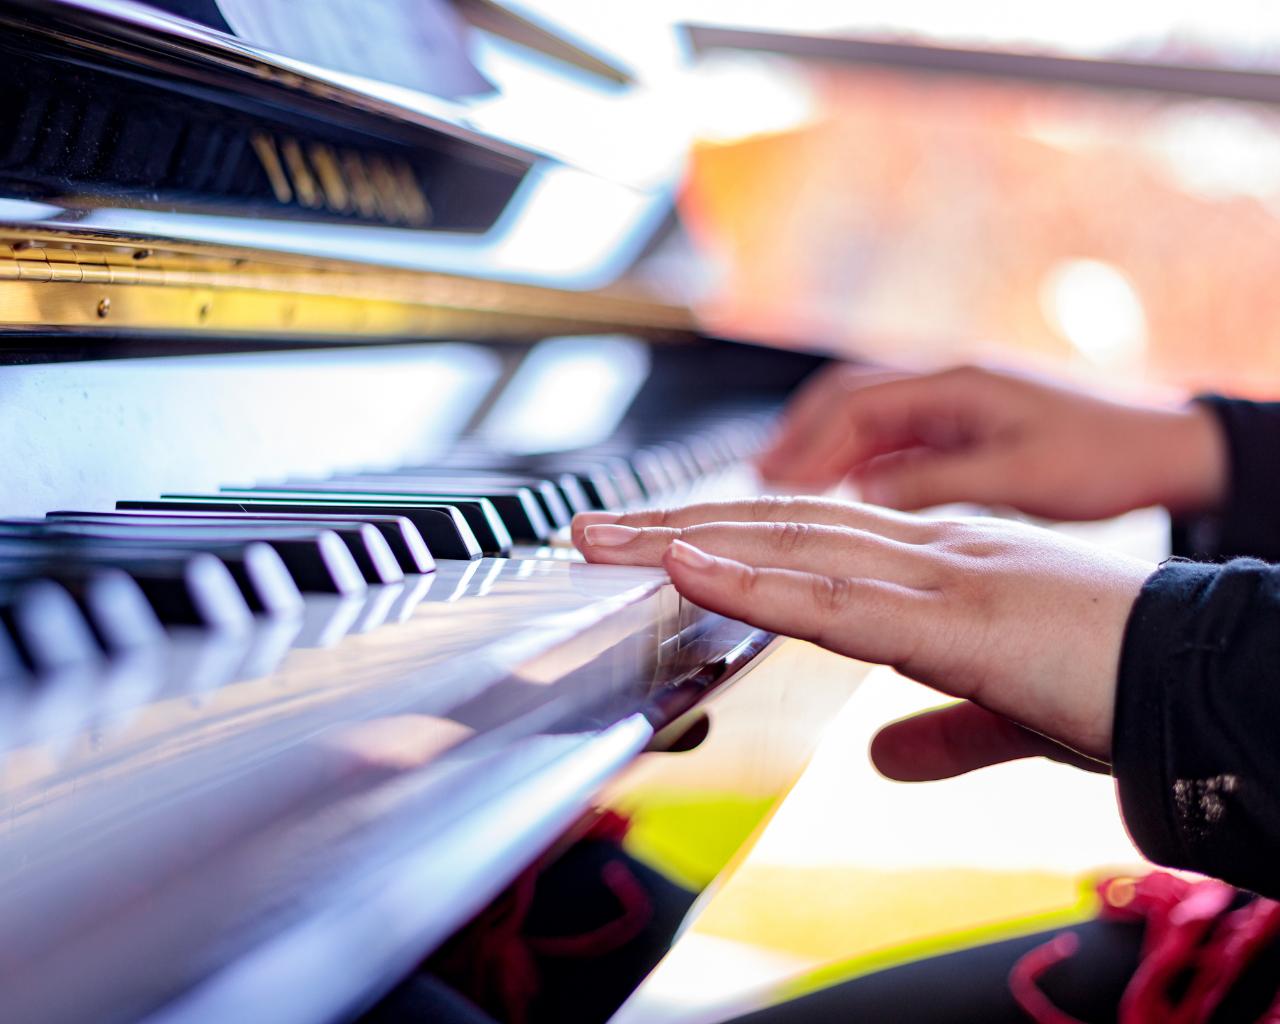 Escuela de Música inicia ciclo de charlas, conciertos y clases magistrales